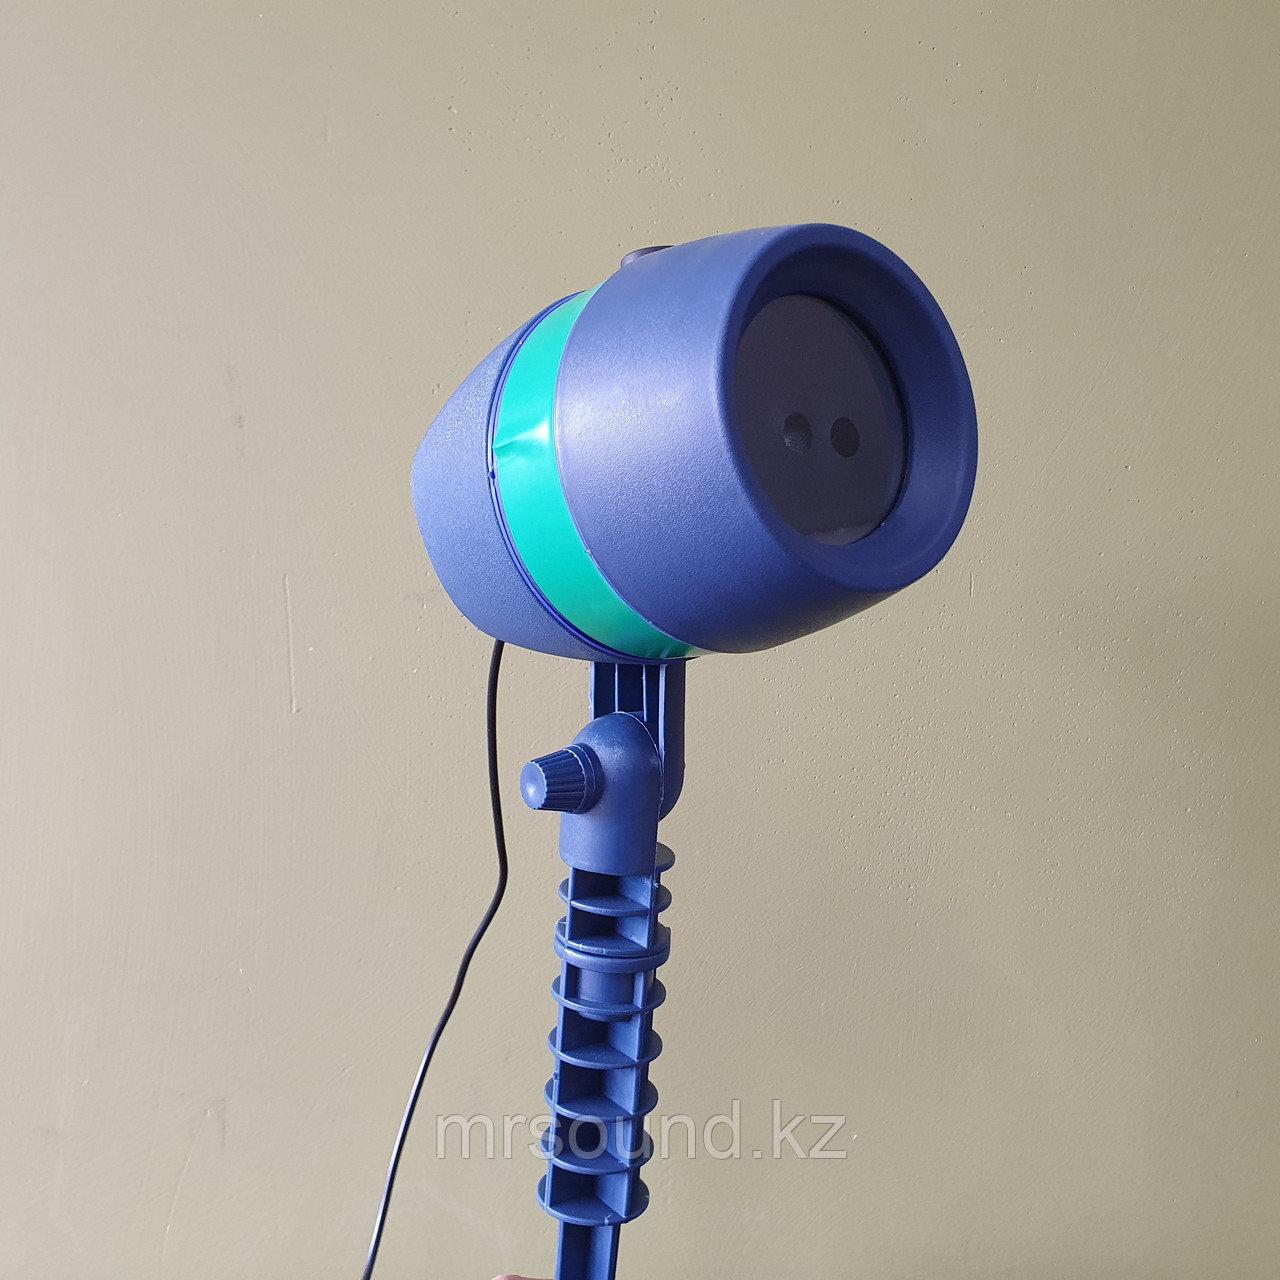 Лазер для наружного освещения (пластик)